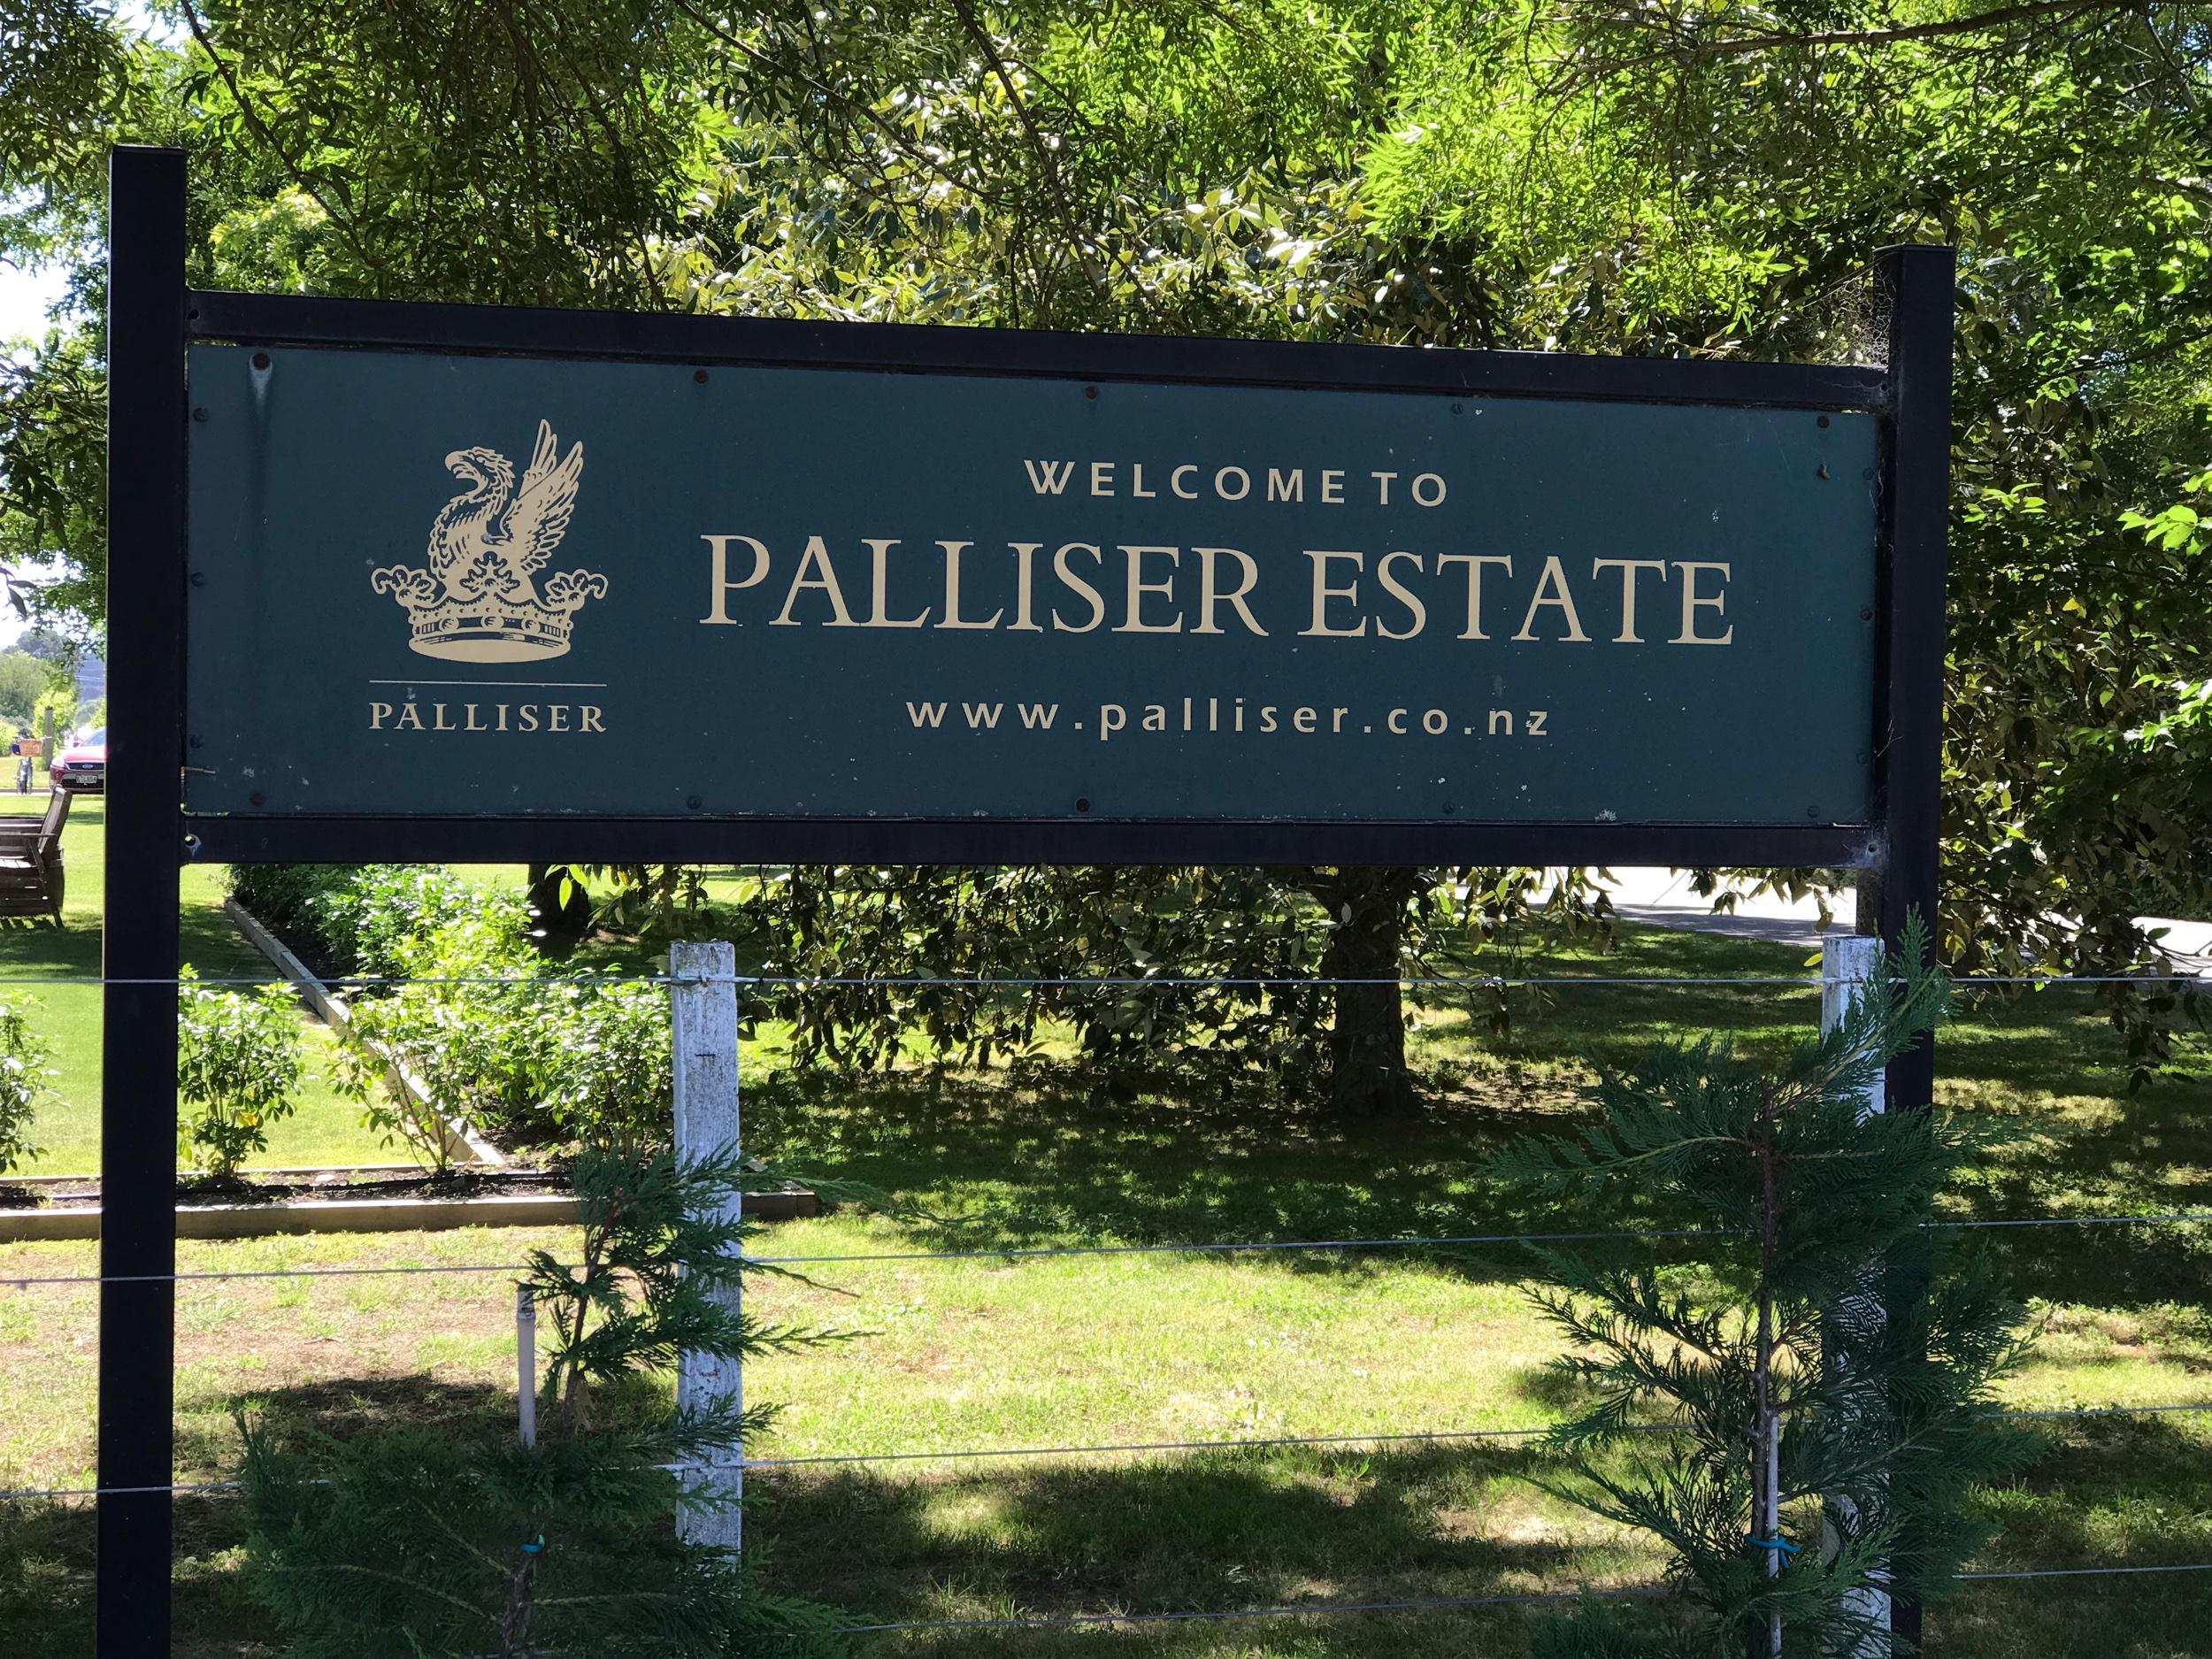 Wairarapa winery, Palliser Estate (image by Jacqui Gibson).